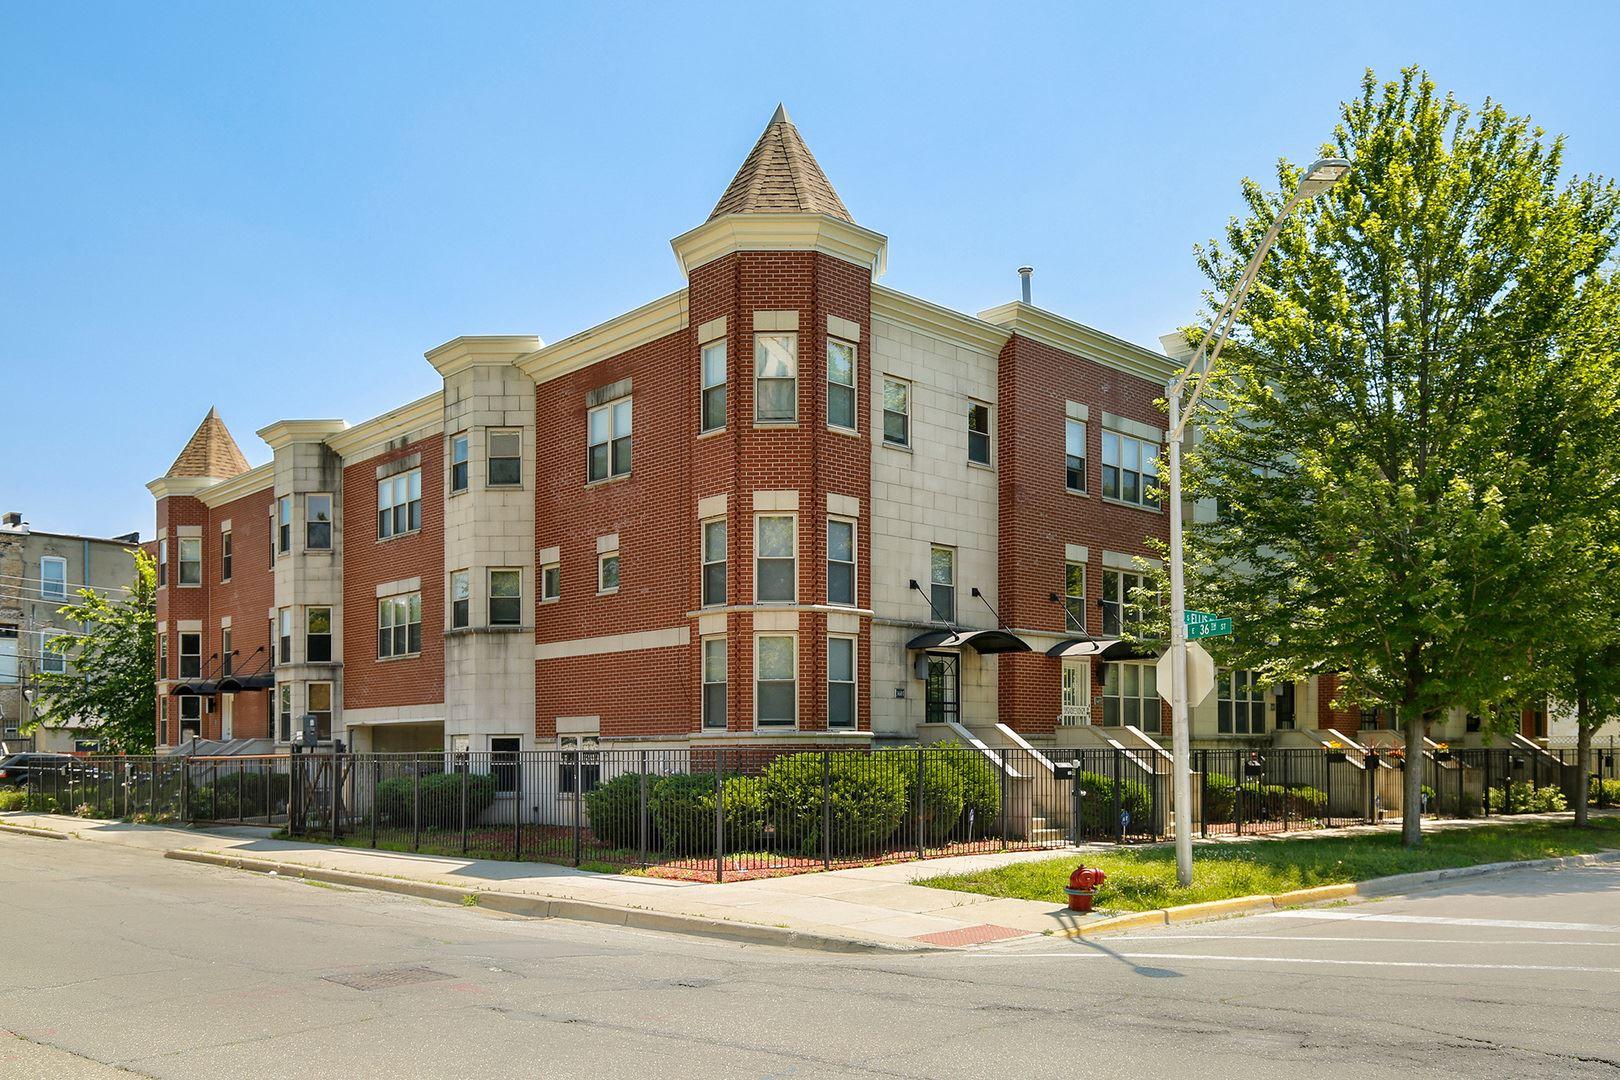 3601 S Ellis Avenue, Chicago, IL 60653 - #: 11227485